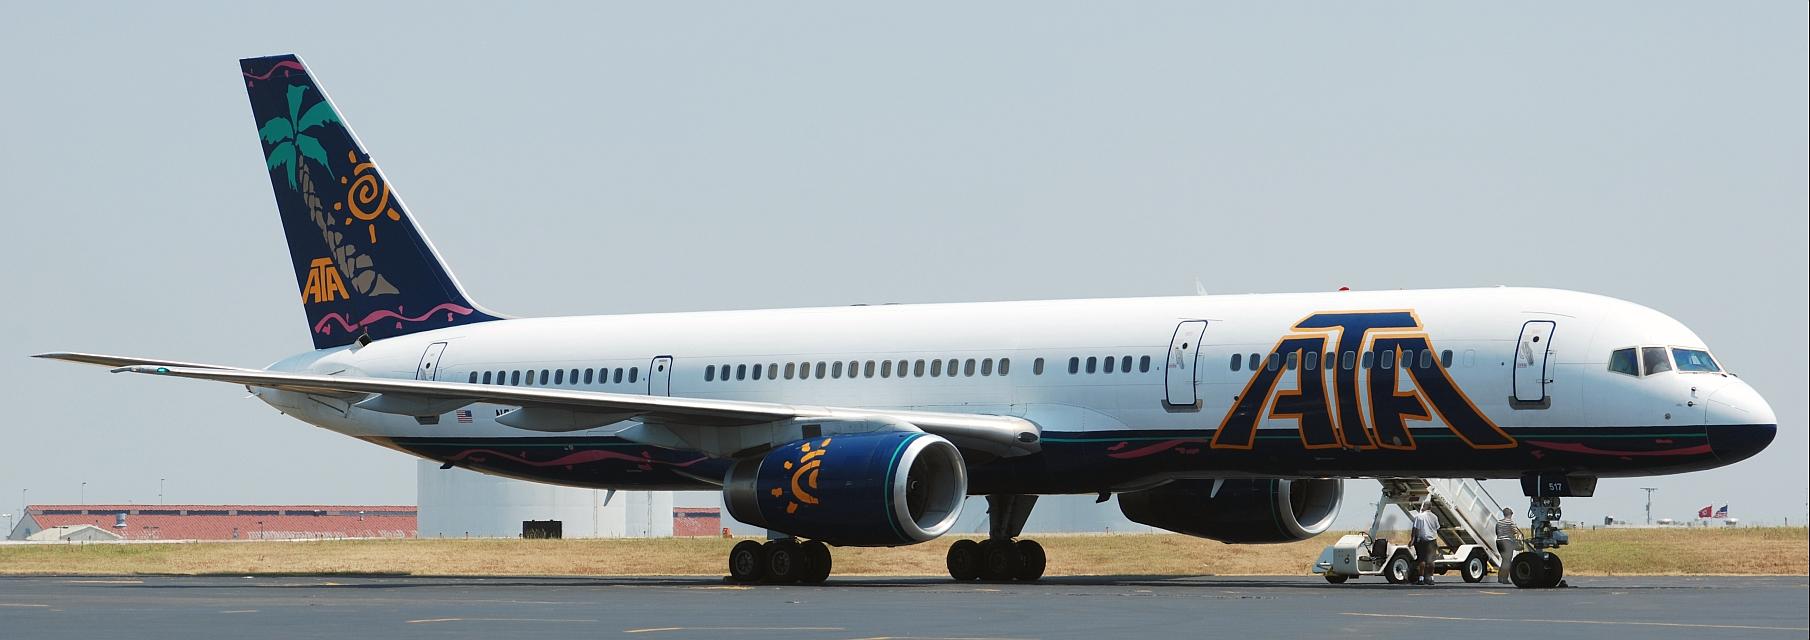 ATA Airlines Boeing 757-23N (N517AT)  **Panoramic**